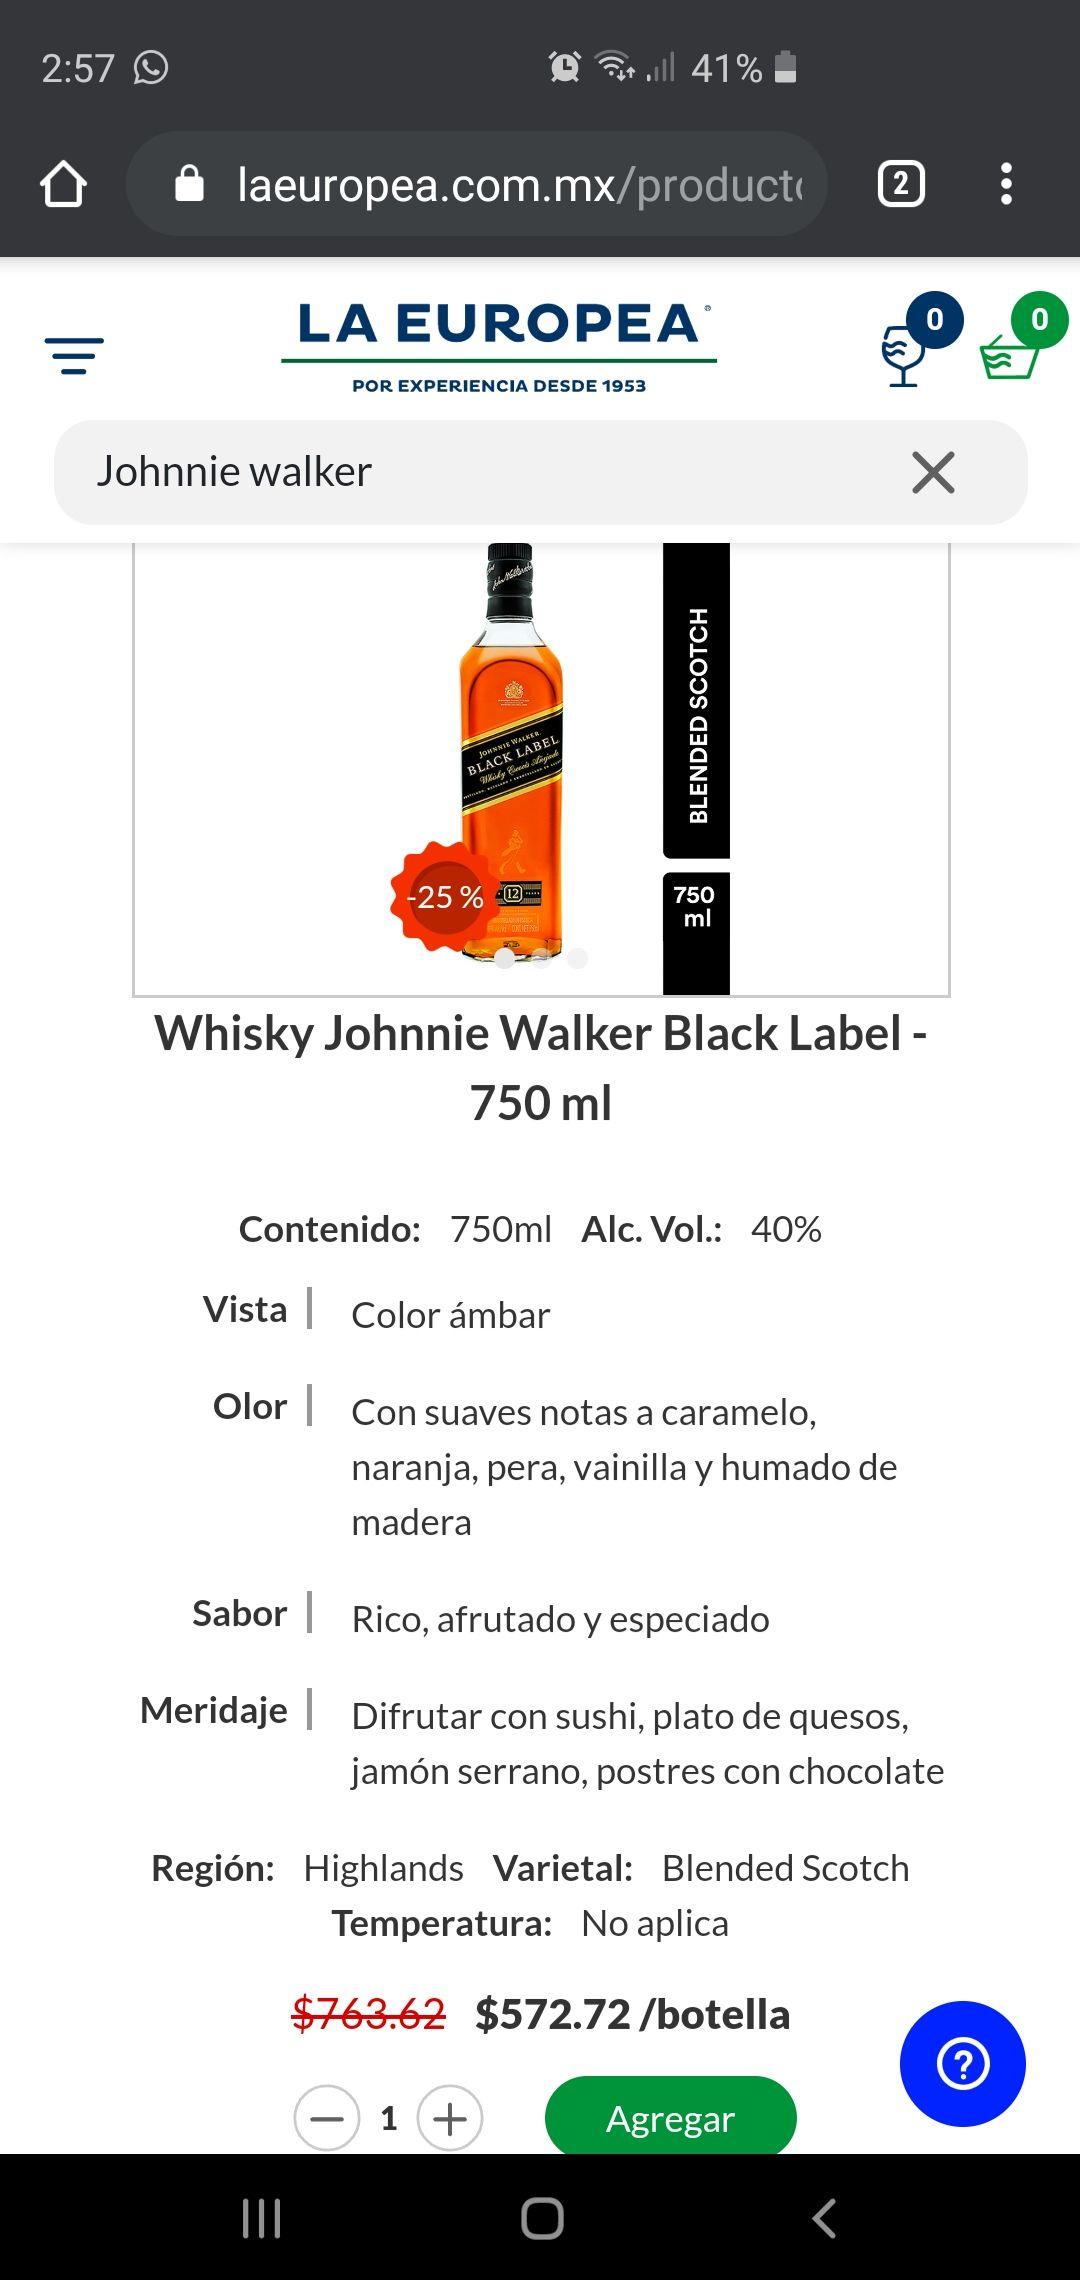 La Europea Johnnie walker black label